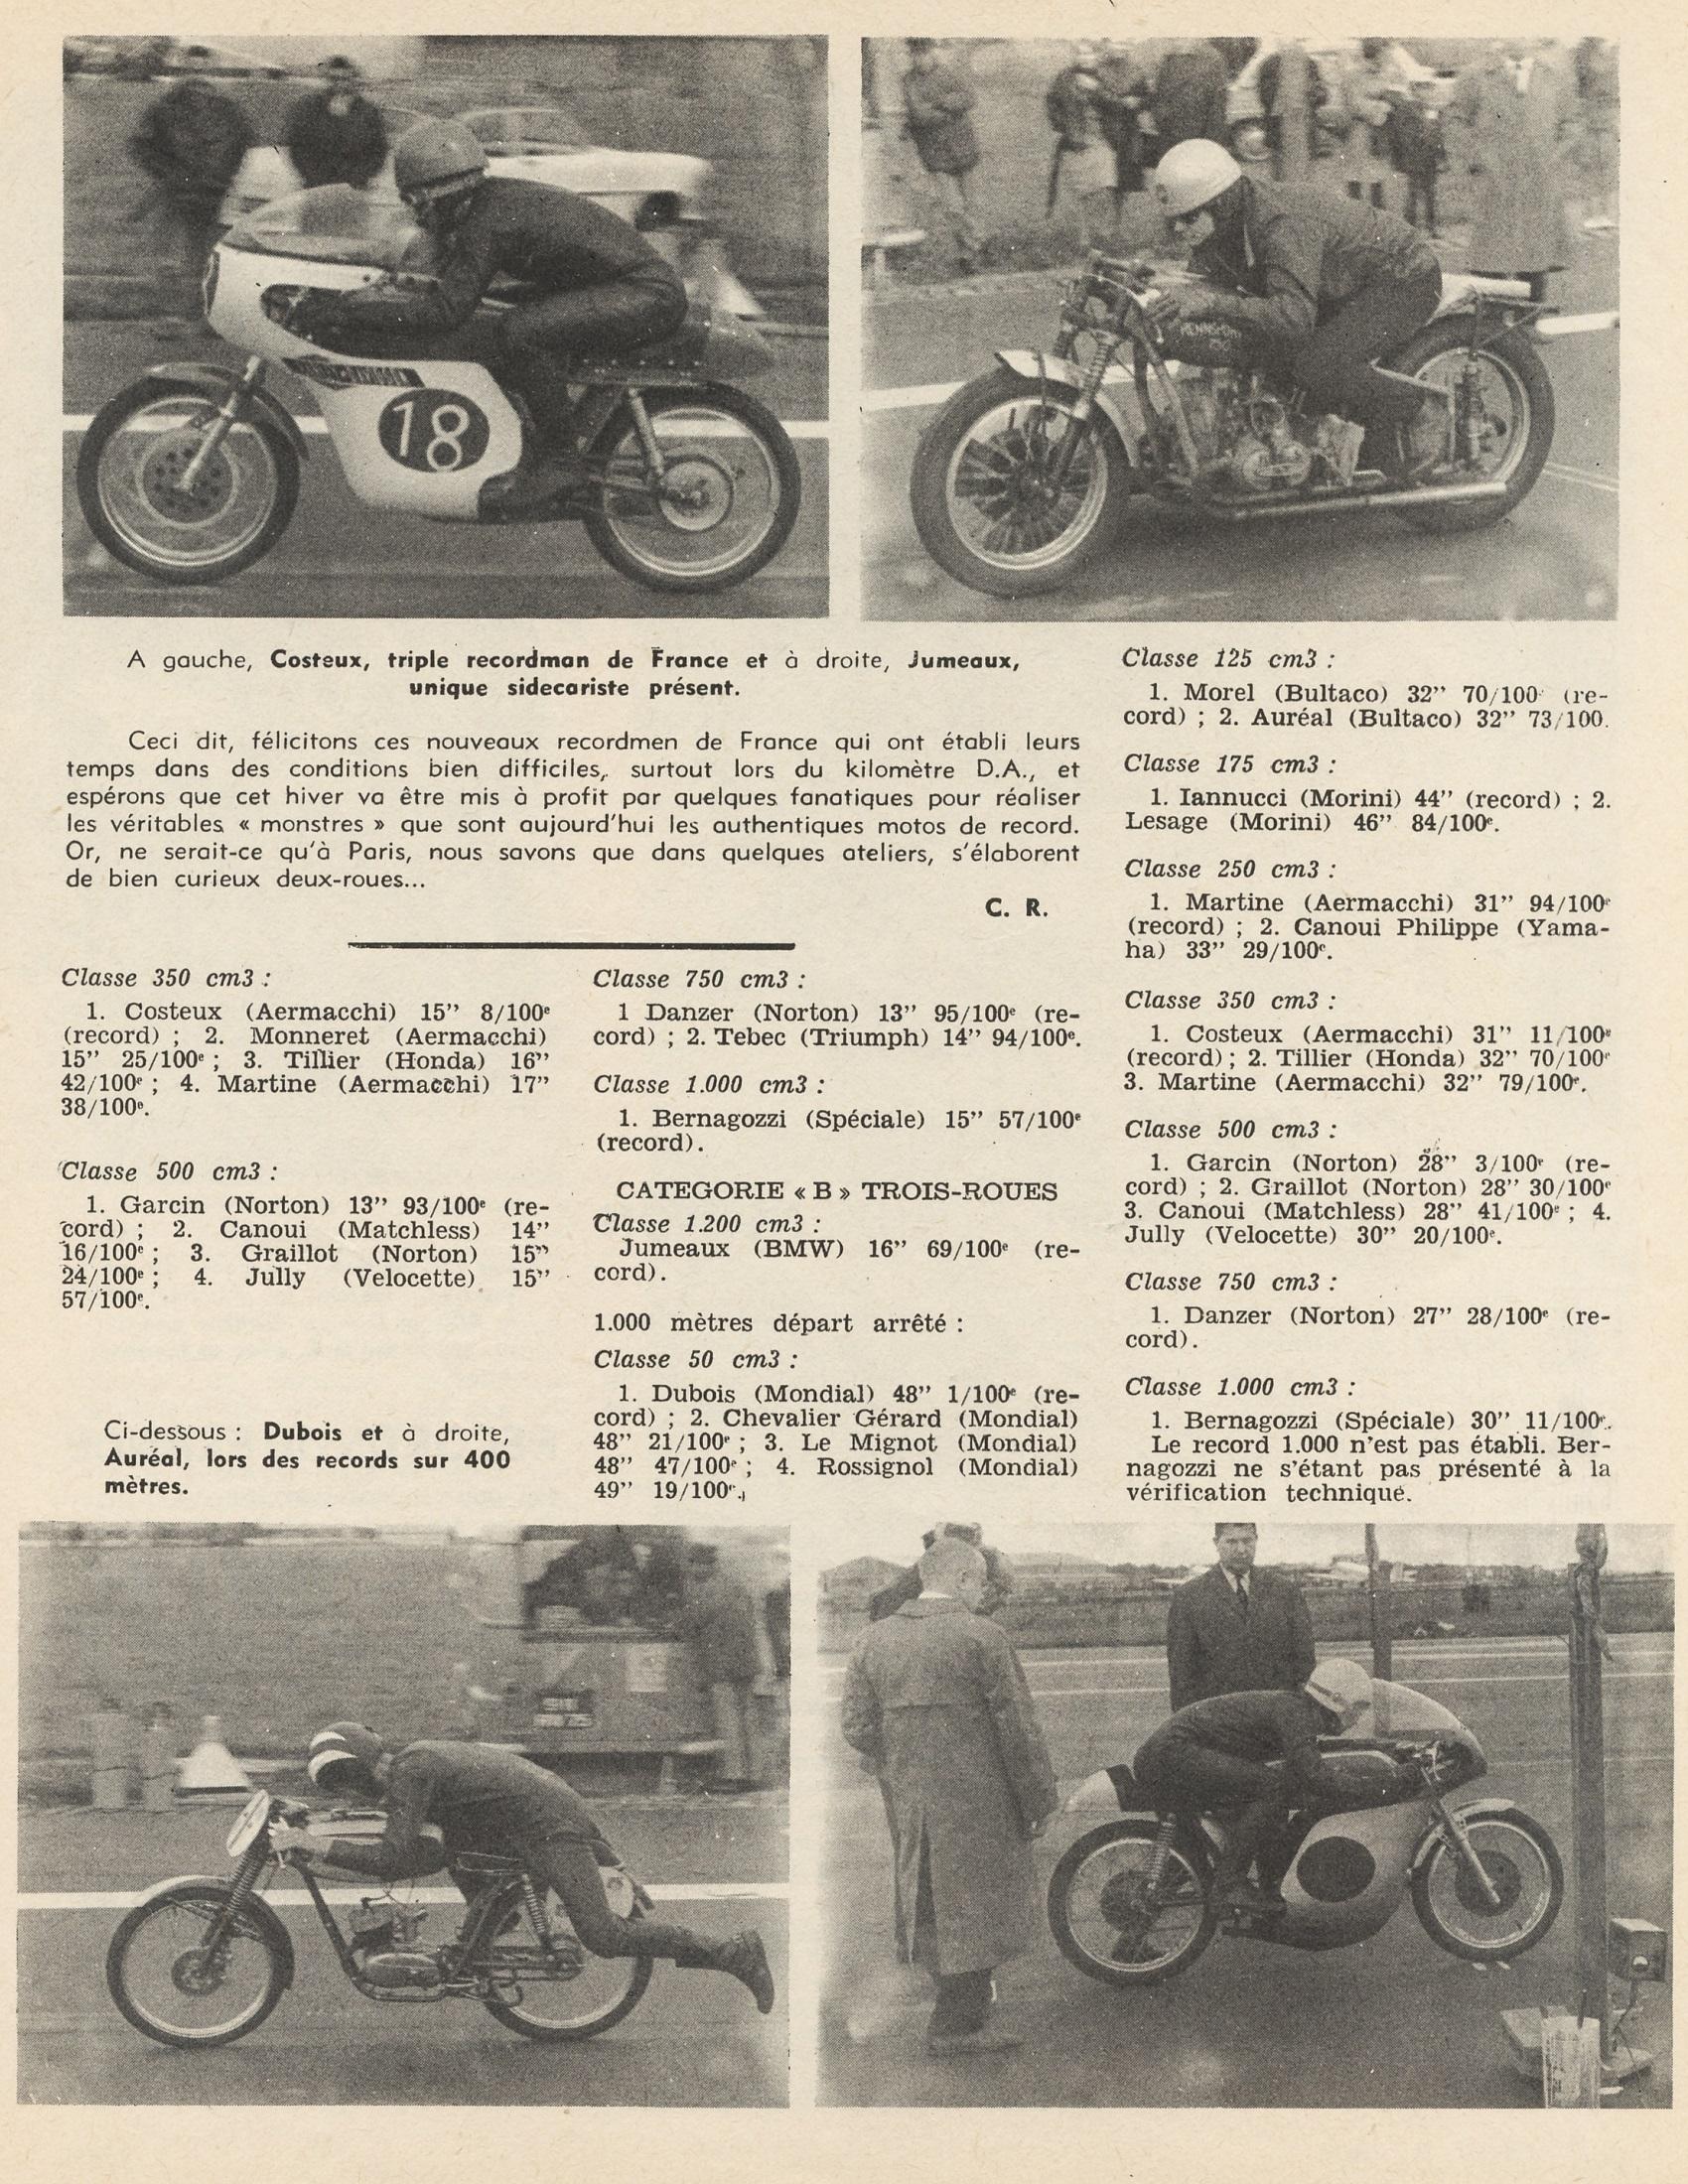 Records de vitesse de Villacoublay 1966 Ad1337397943a265182512f206bd0e84cc9ed8d8